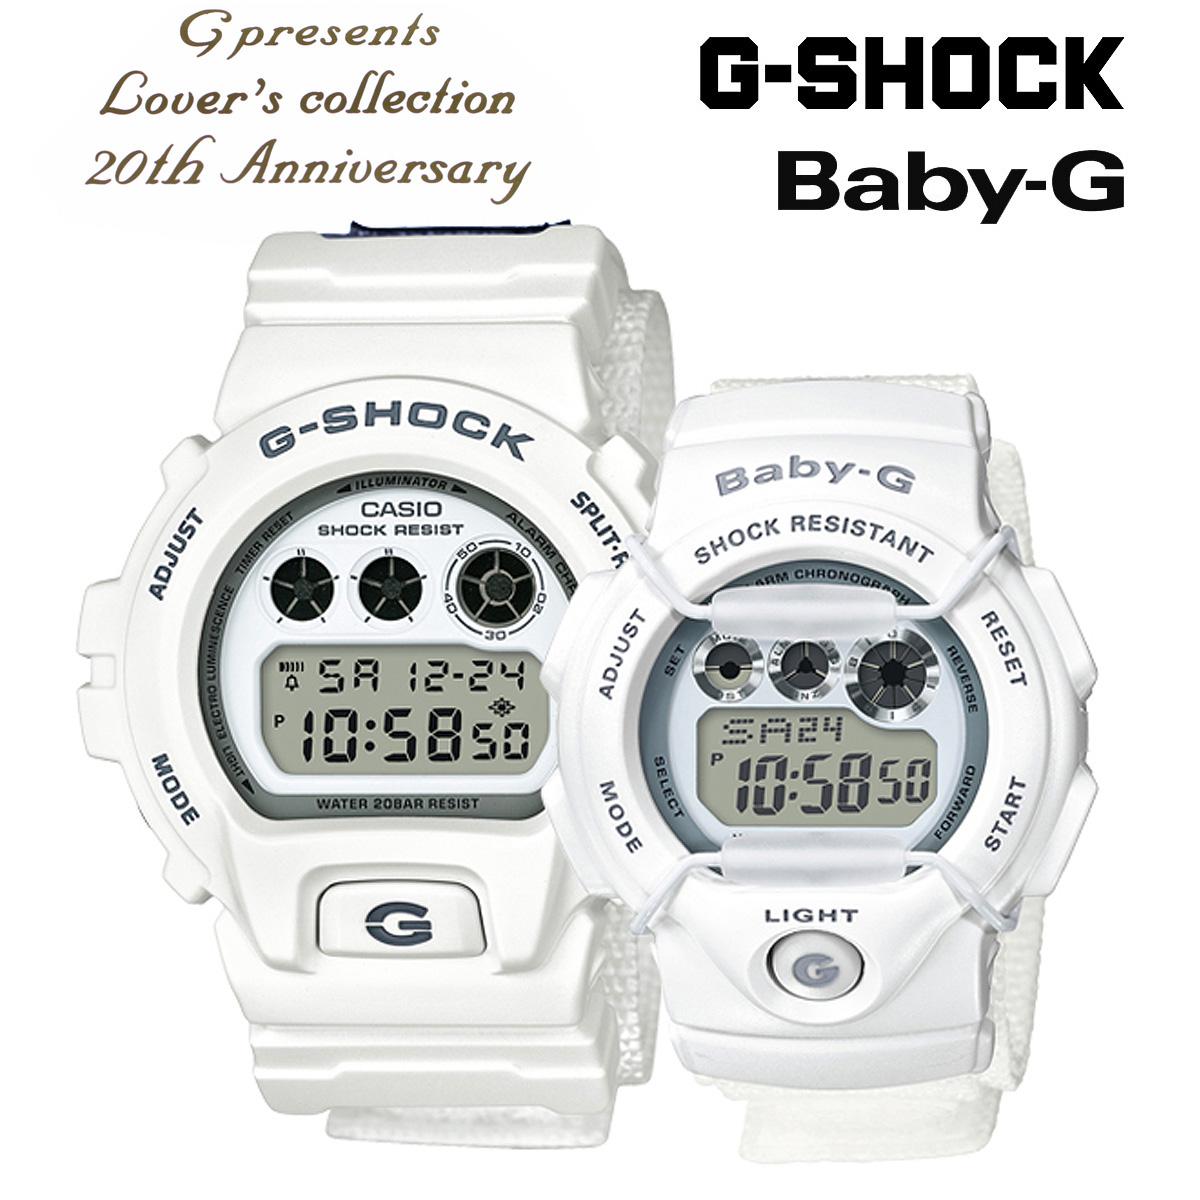 CASIO カシオ G-SHOCK BABY-G 腕時計 Gショック メンズ レディース LOV-16C-7JR G PRESENTS LOVER'S COLLECTION 2016 ペアウォッチ